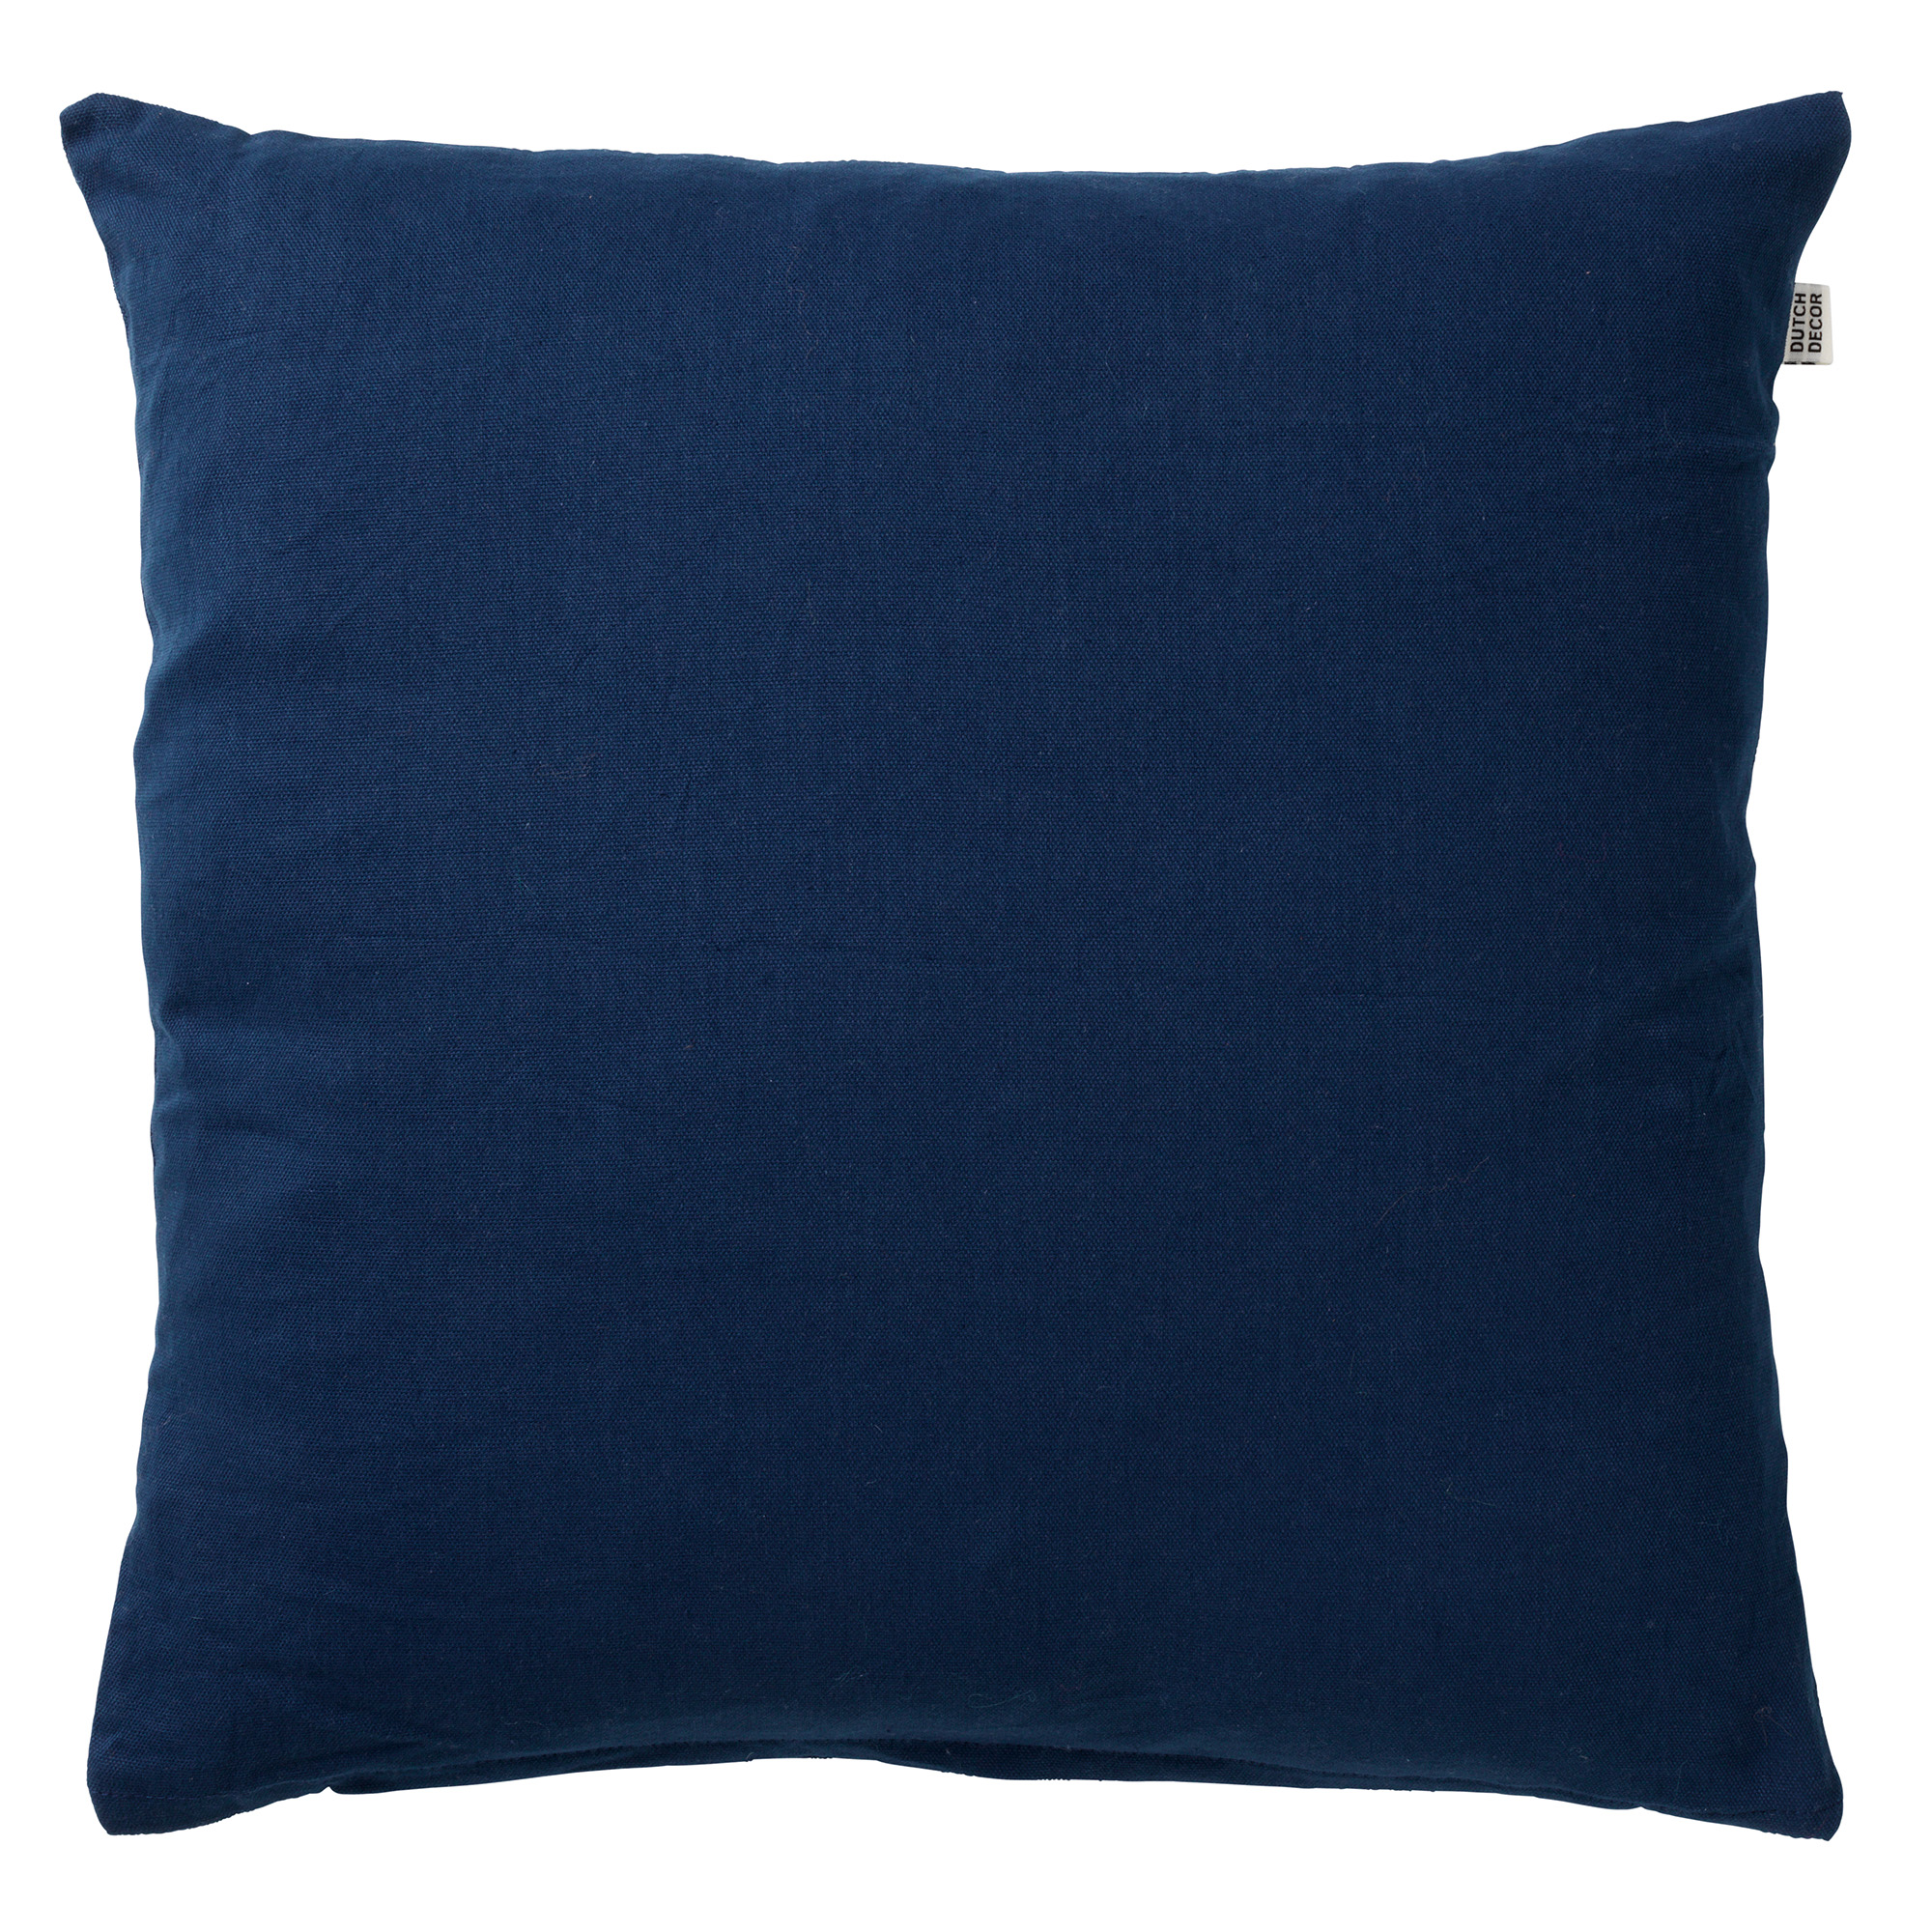 JAMES - Sierkussen van katoen Insignia Blue 45x45 cm